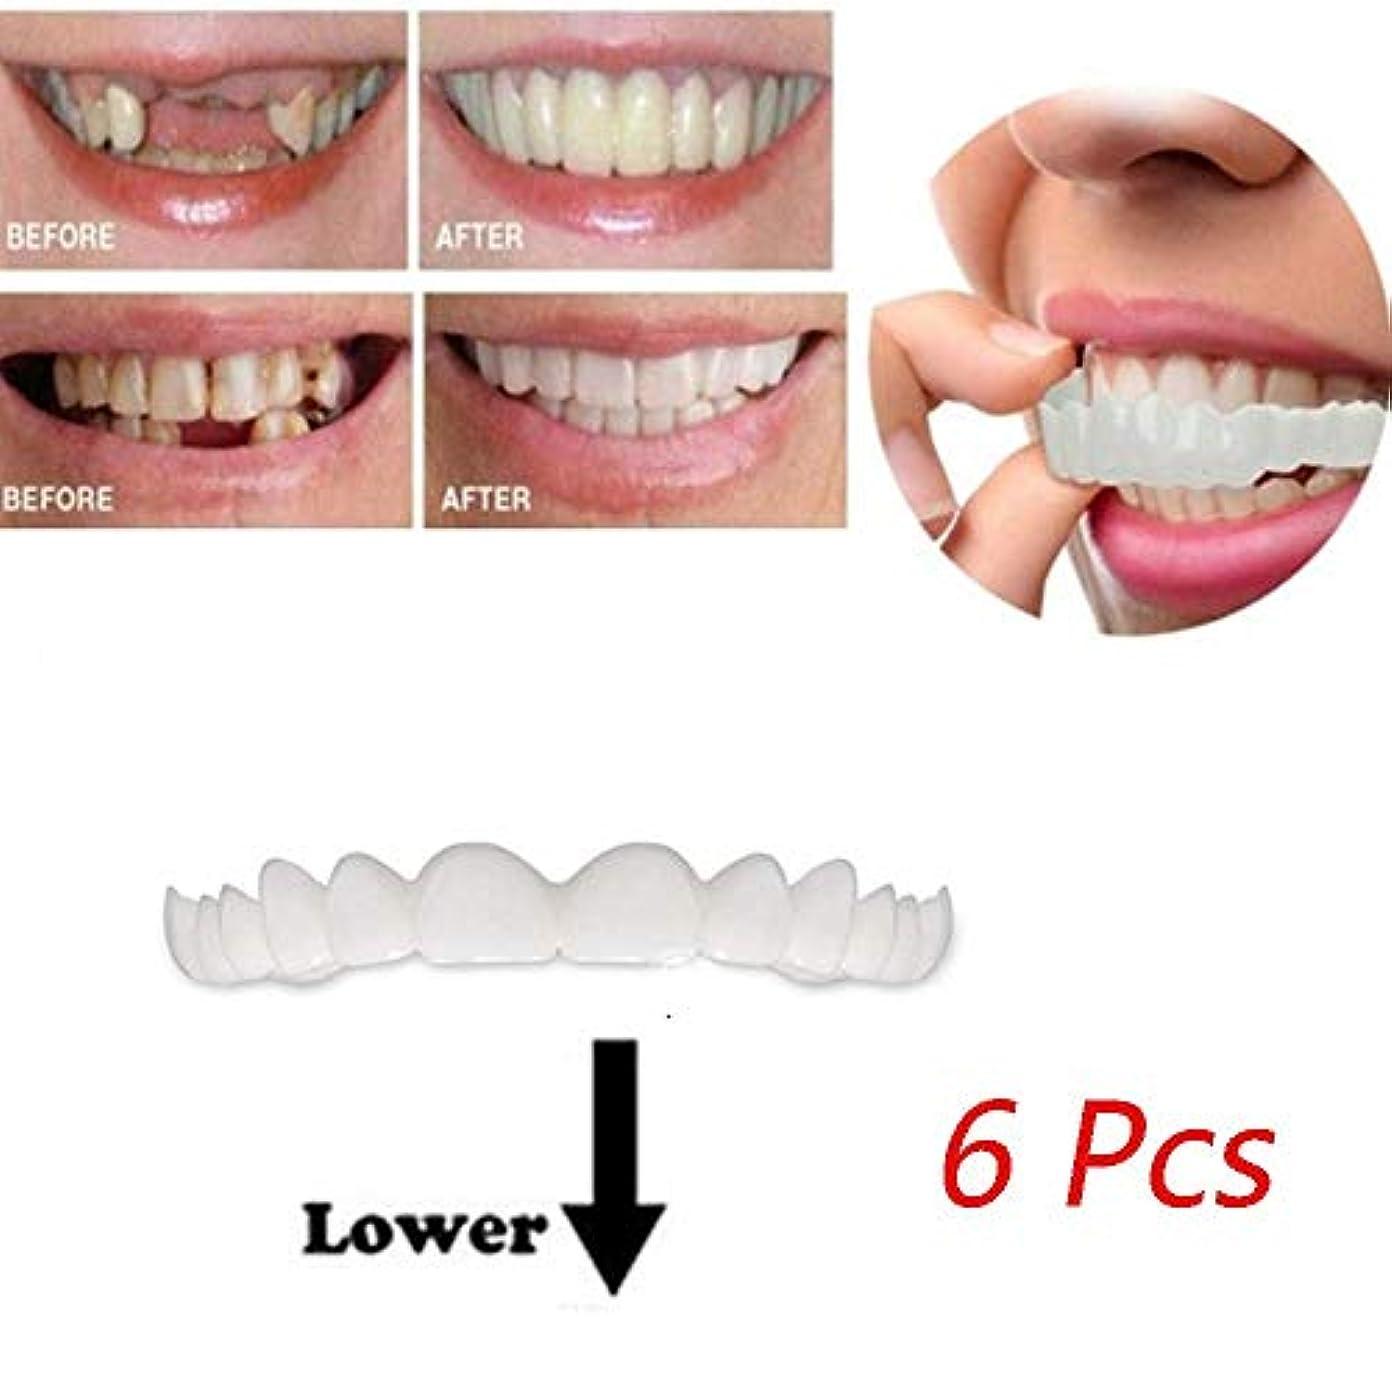 遺棄された鋸歯状ゴールデン新しいファッションシリコーンベニヤ歯6個インスタントパーフェクトスマイルコンフォートフレックス歯底化粧品突き板ワンサイズフィット(底)